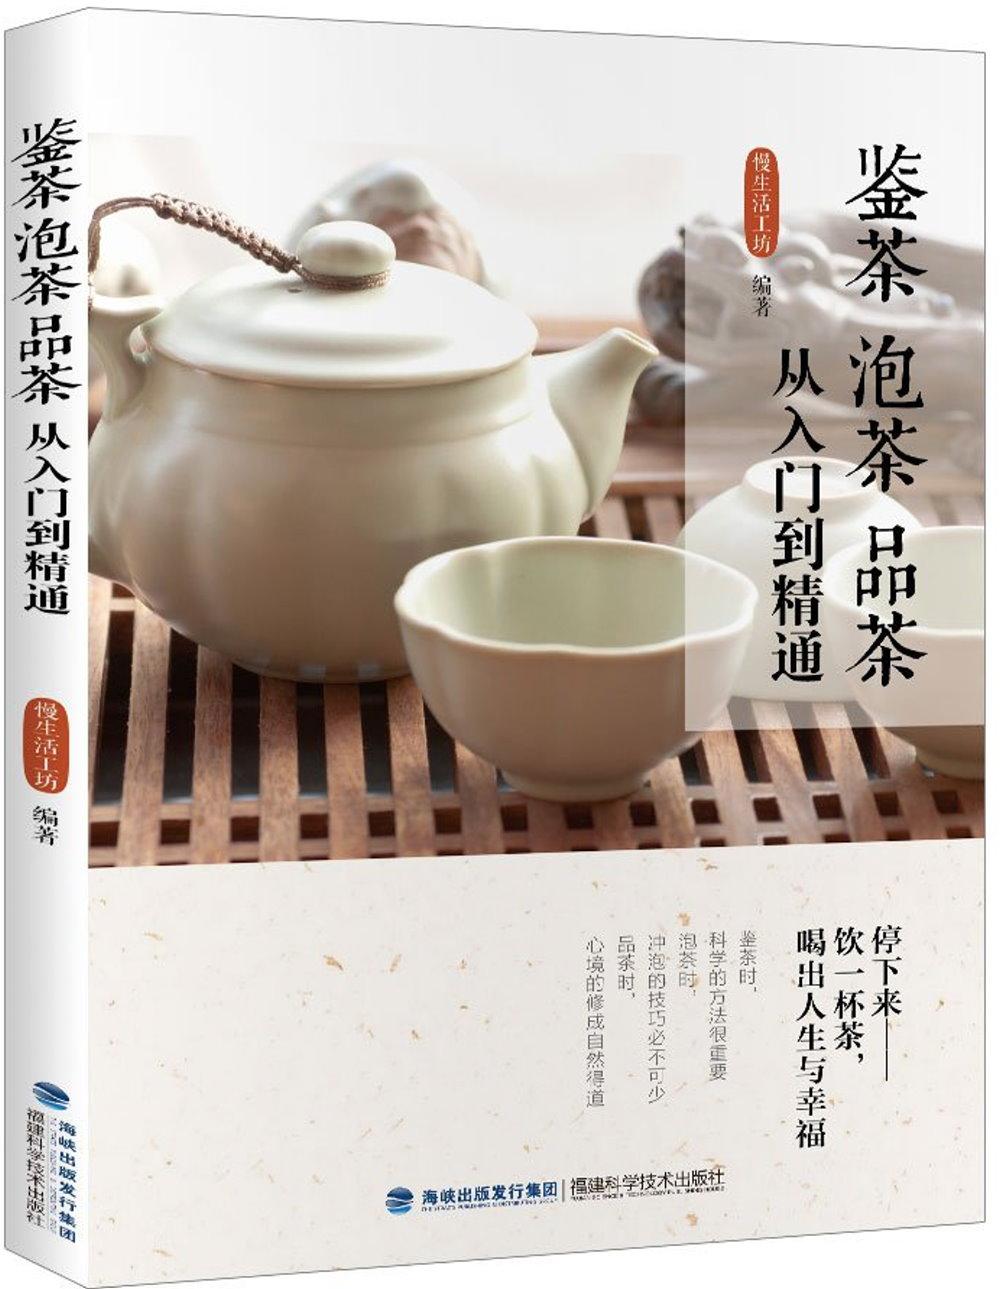 鑒茶 泡茶 品茶從入門到精通